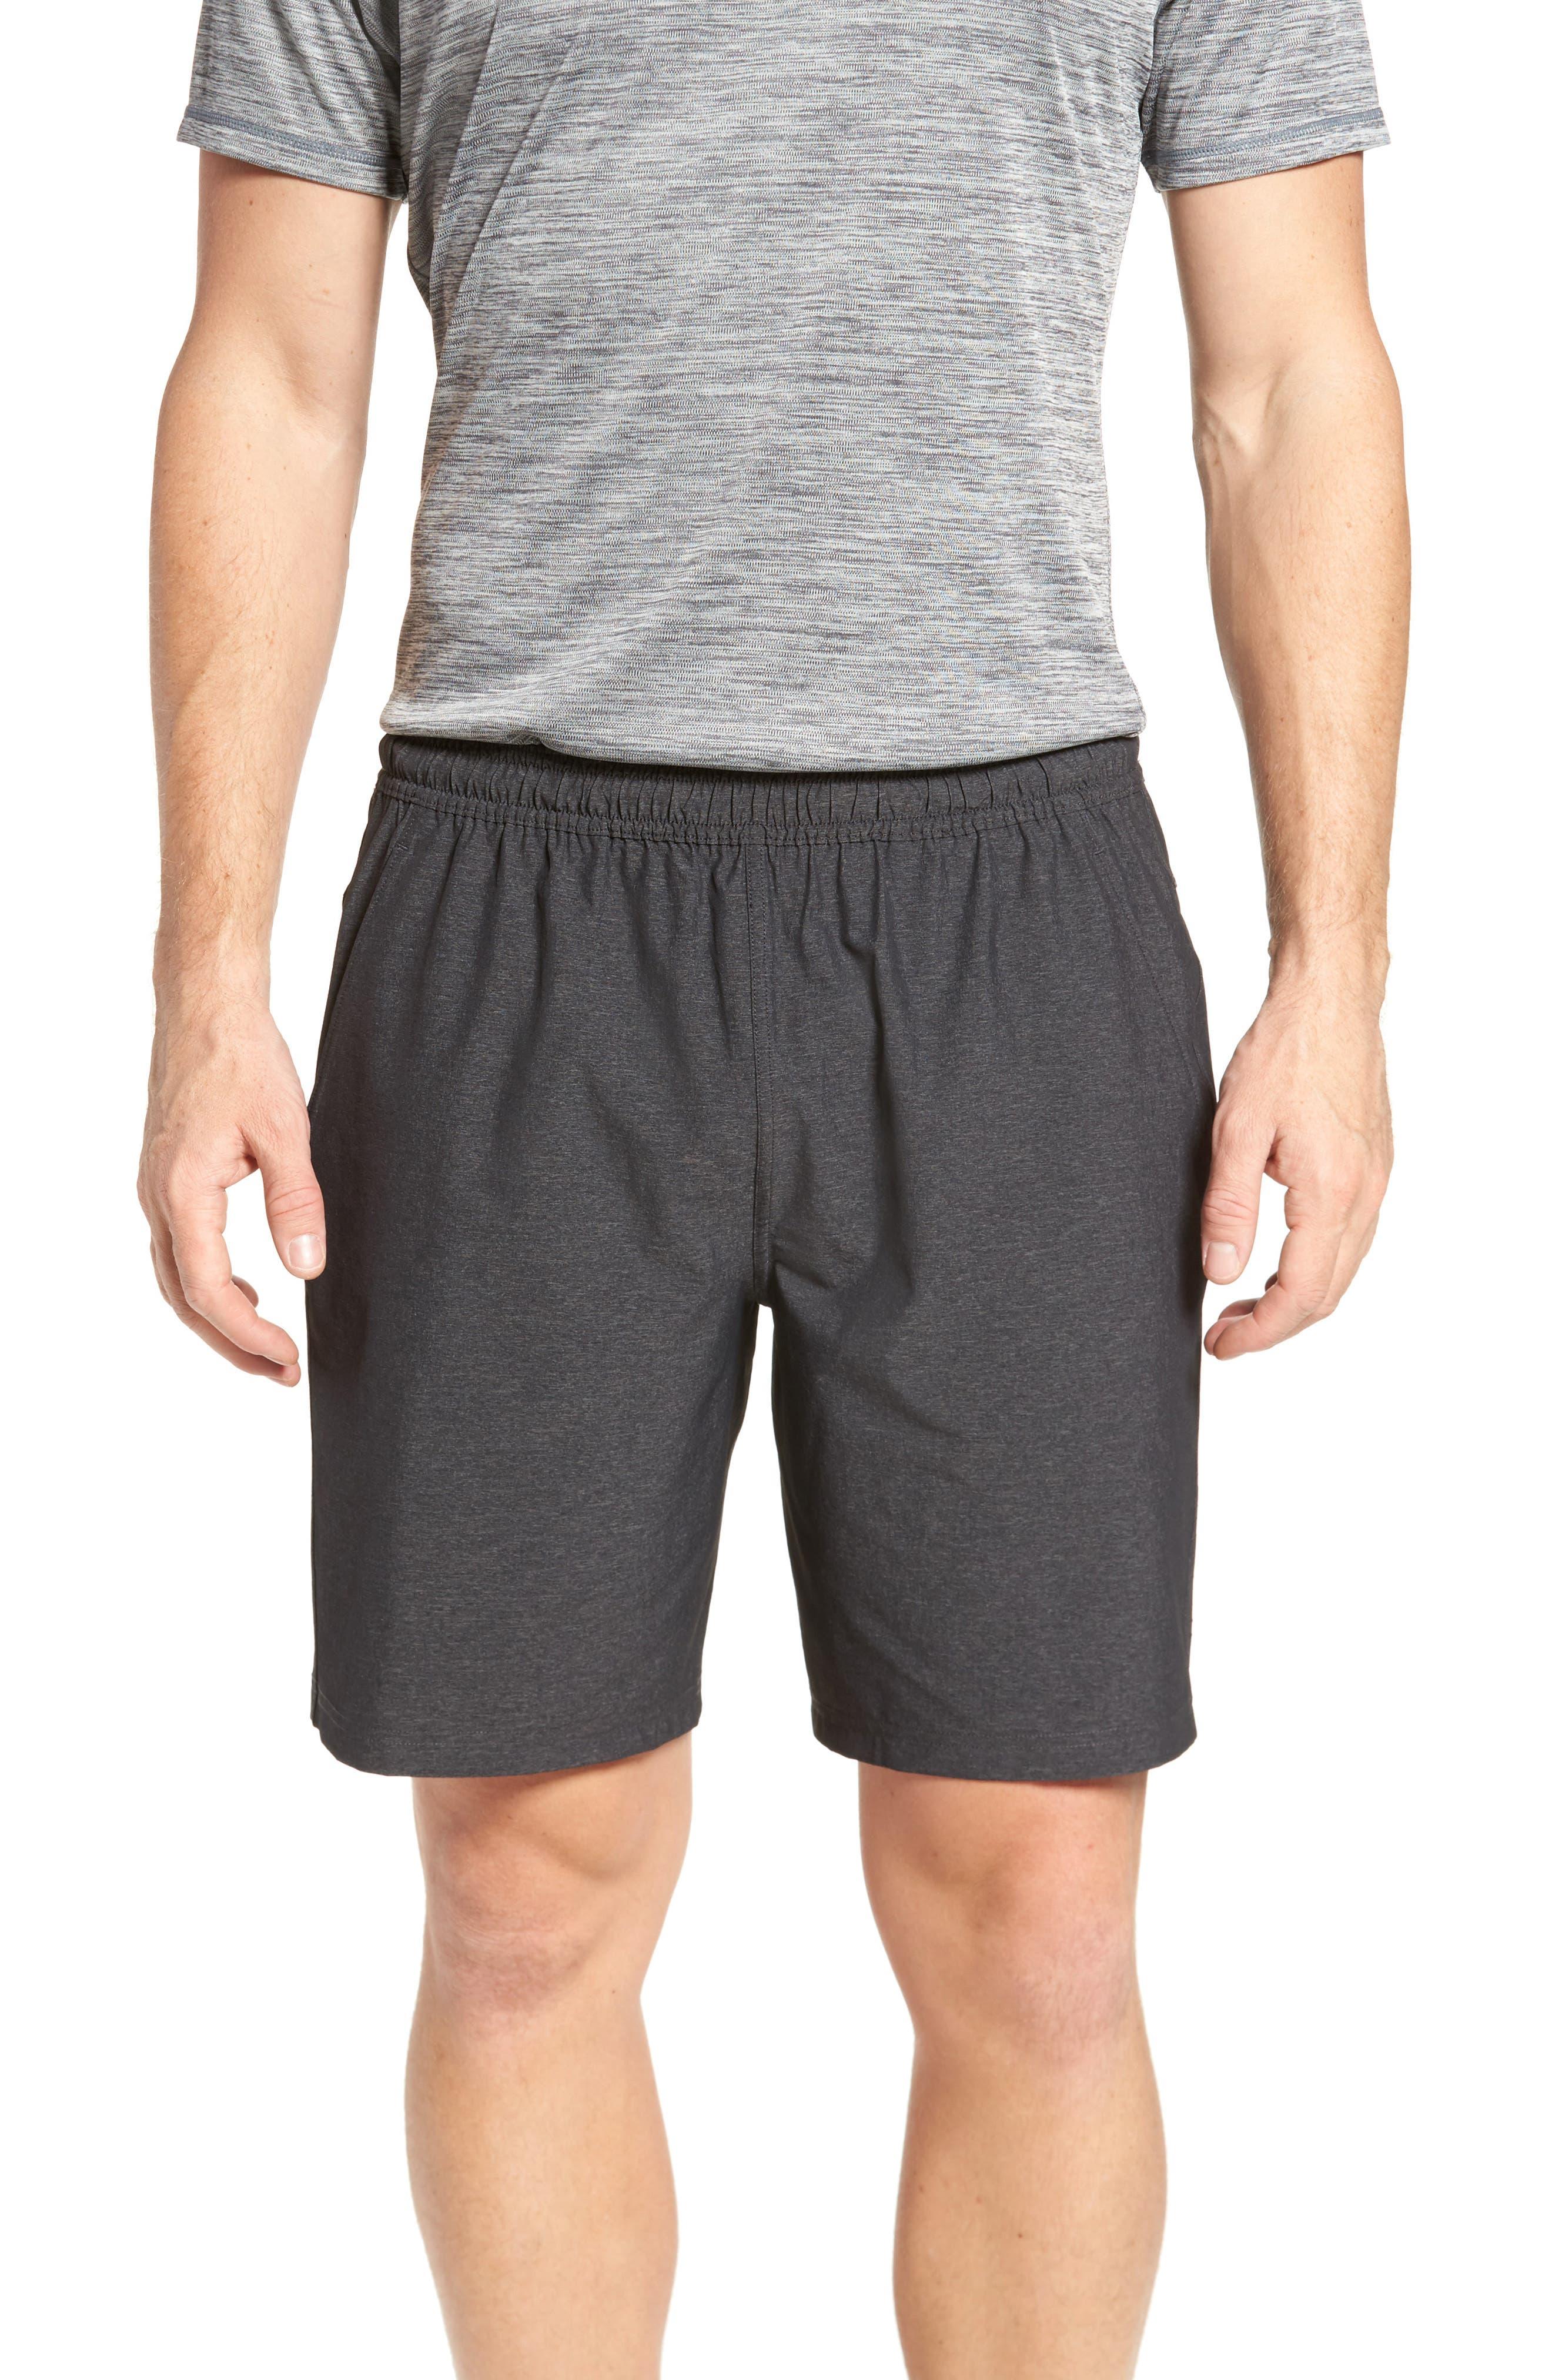 Graphite Shorts,                             Main thumbnail 1, color,